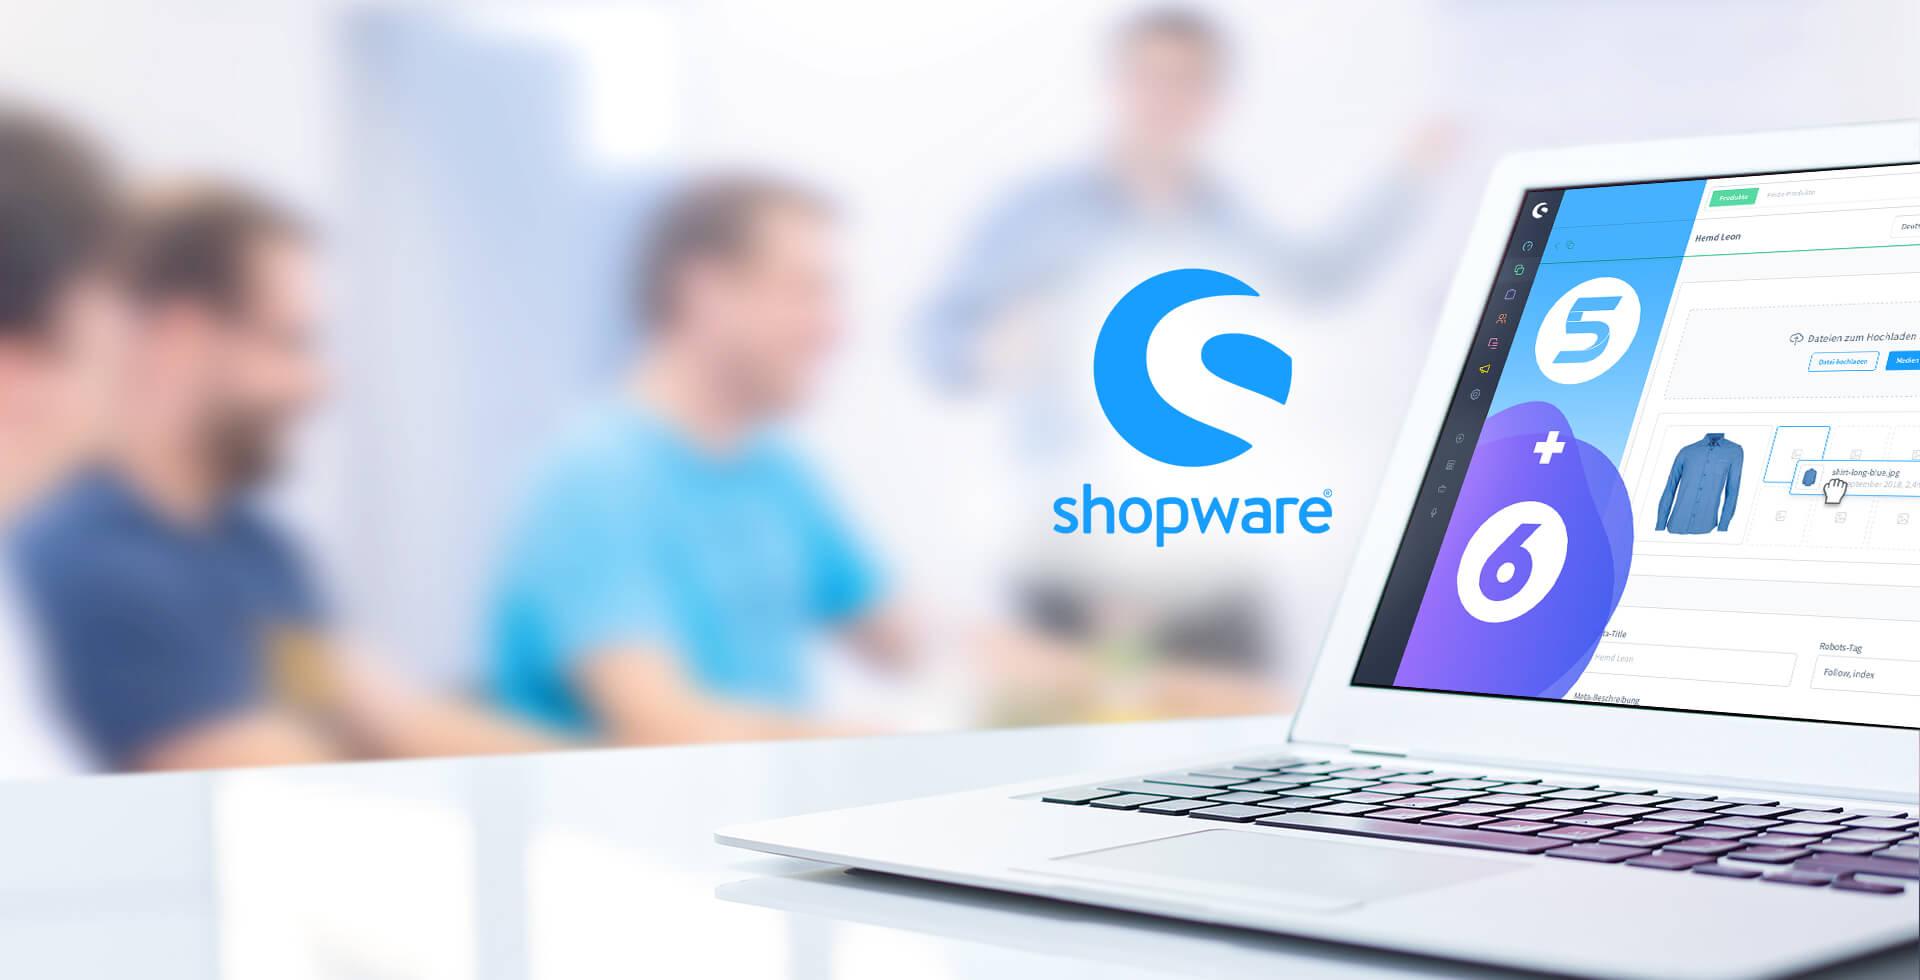 Shopware Agentur Spezialisiert Auf Verkaufsförderung & Design Within Touch Of Spring 24 Inch Tier Pairs (View 19 of 20)